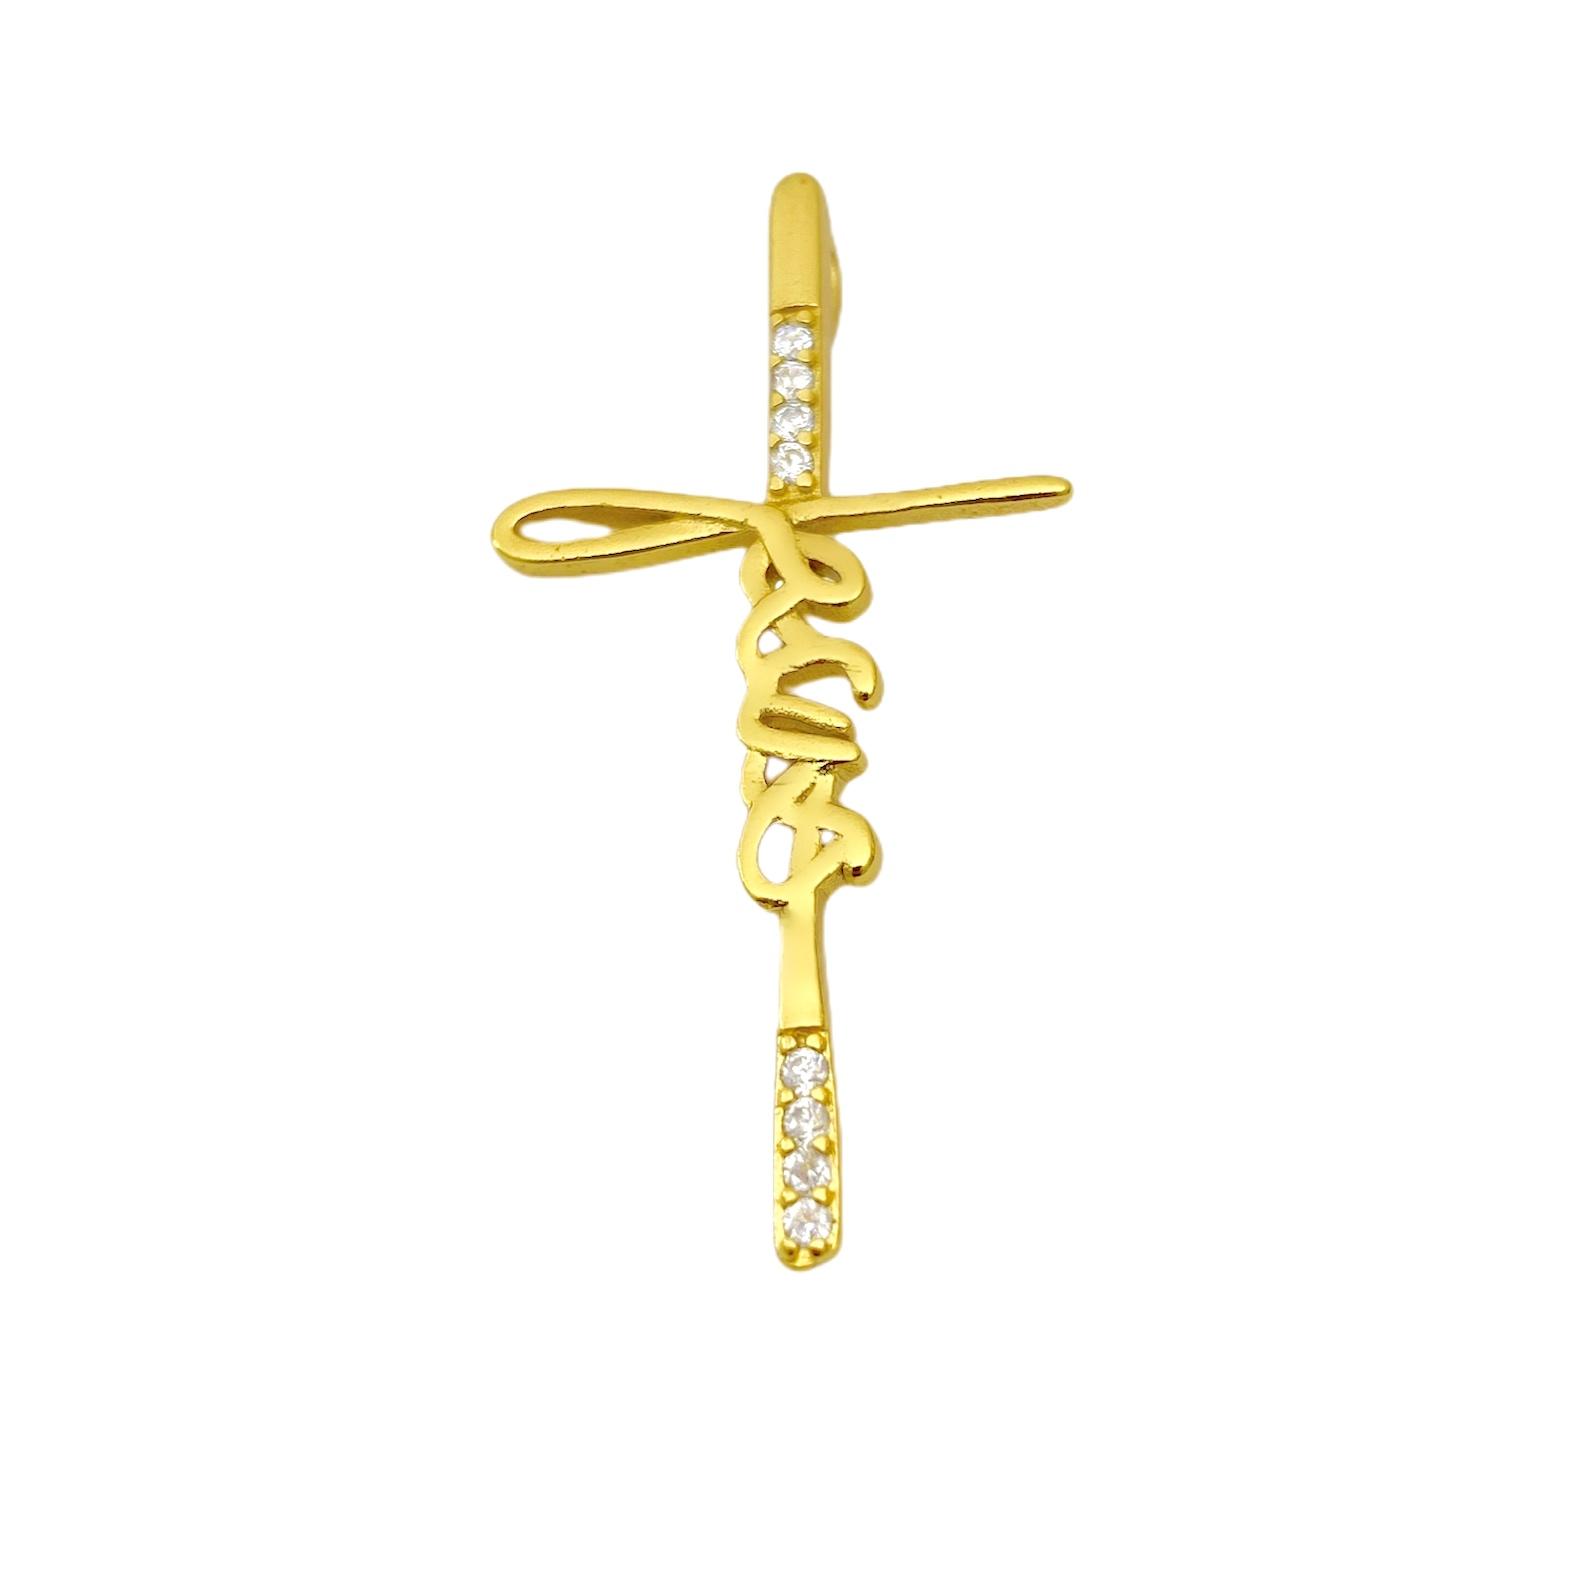 Corrente Cordão Baiano 2mm 40cm (Fecho Canhão) (Banho Ouro 24k) + Pingente Crucifixo Jesus Cravejado em Zircônia (3,9x2,0cm) (Banho Ouro 24k)